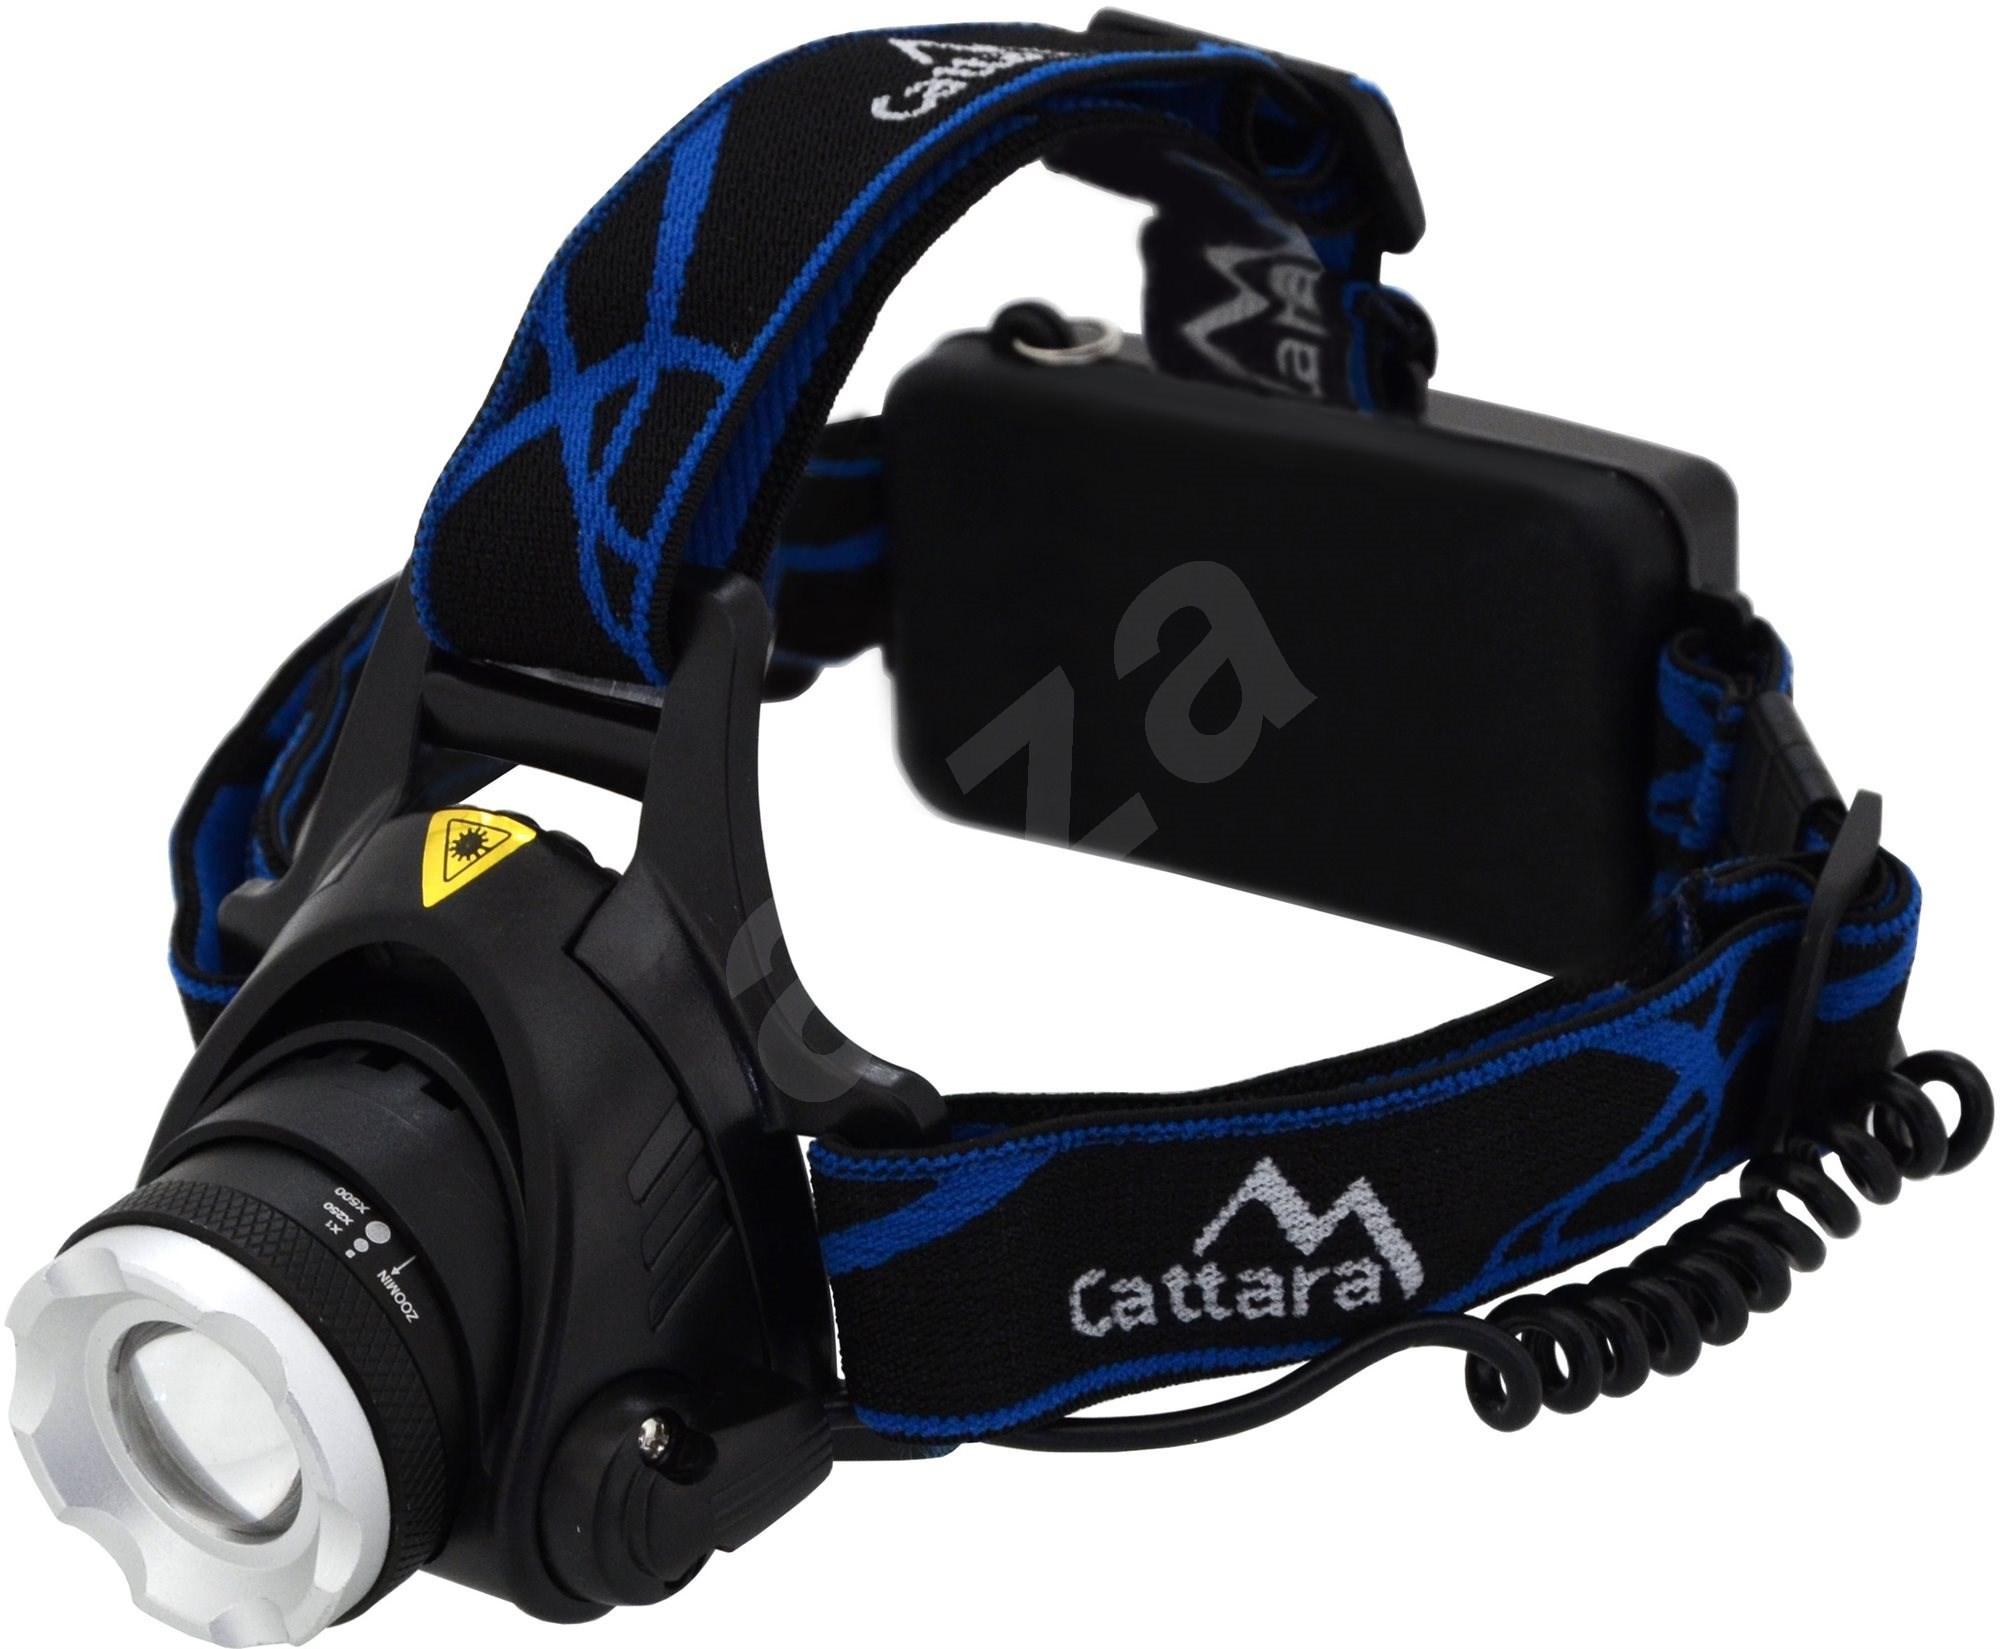 709c755bfc35b Ďalší tovar značkyCATTARA · Cattara Čelovka LED 570 Im ZOOM - Čelovka